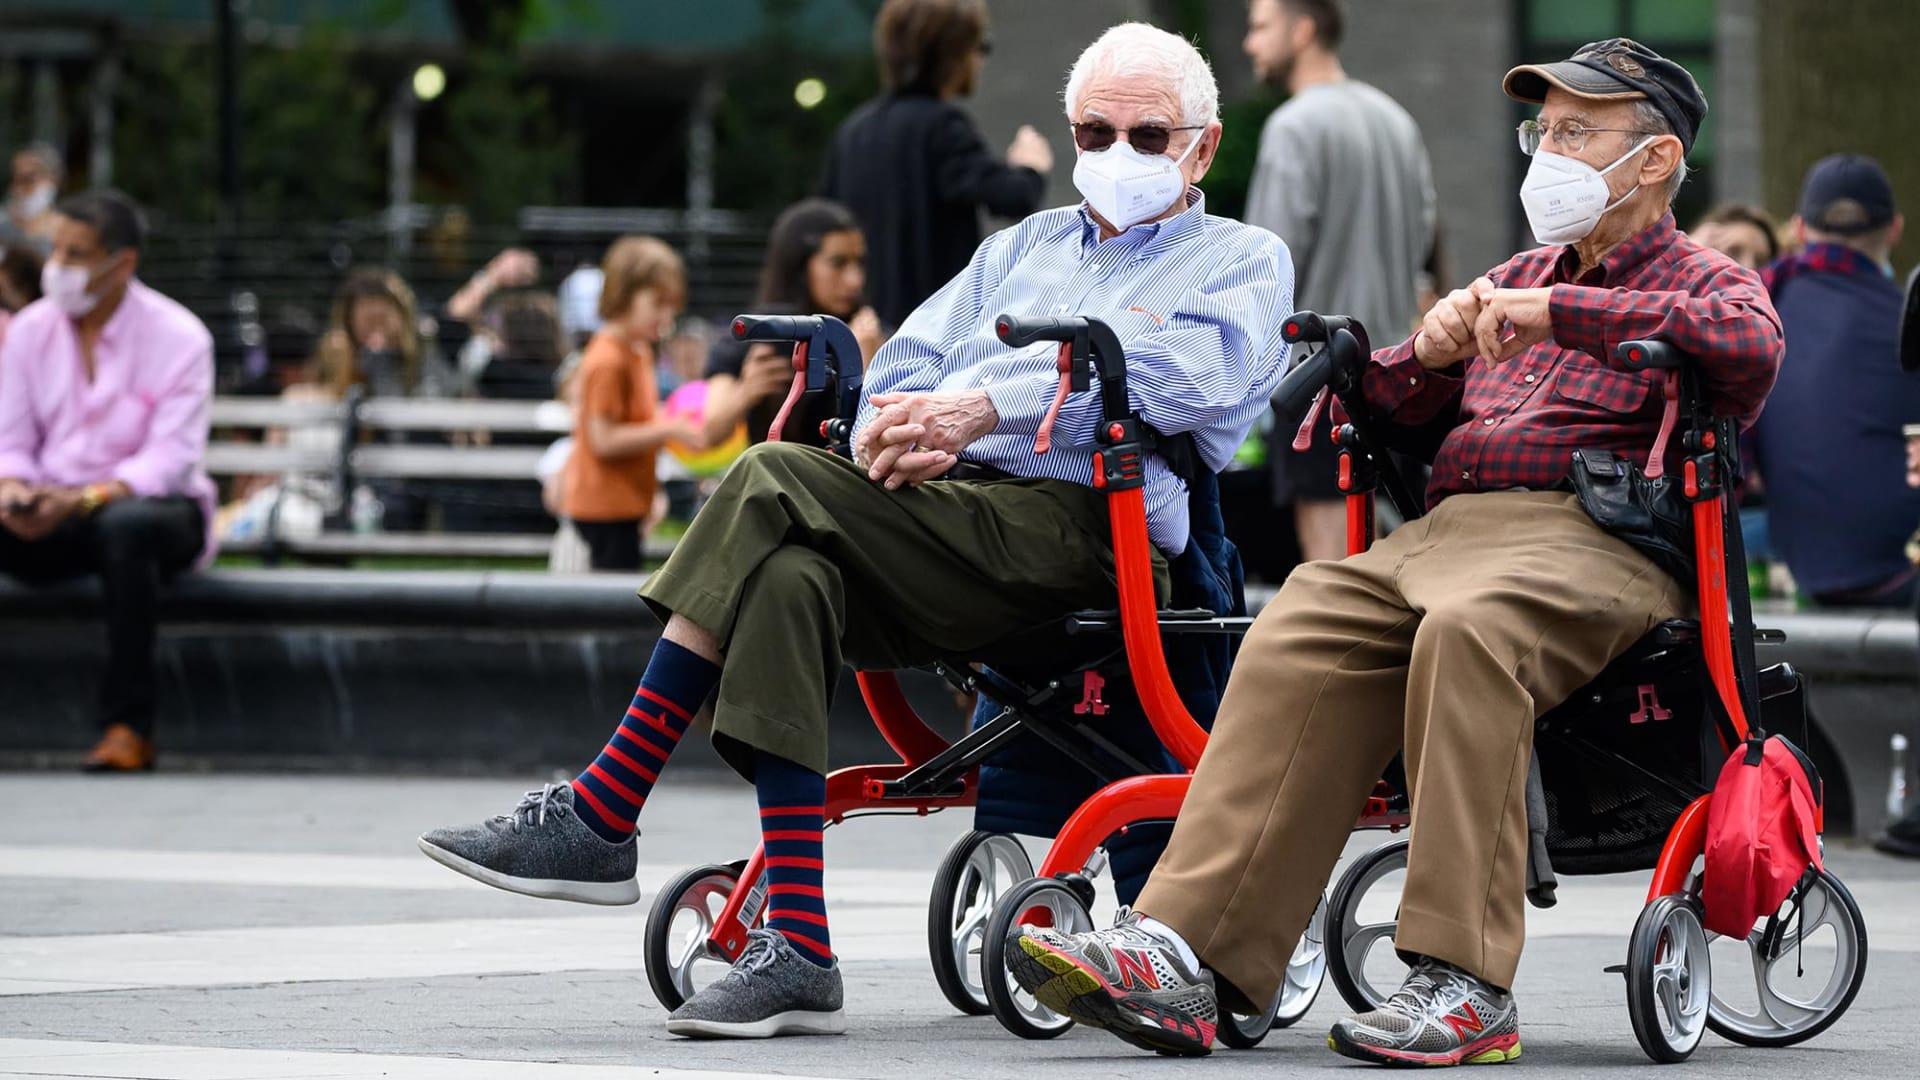 كبار السن أفضل في التعامل مع فيروس كورنا مقارنة بالشباب